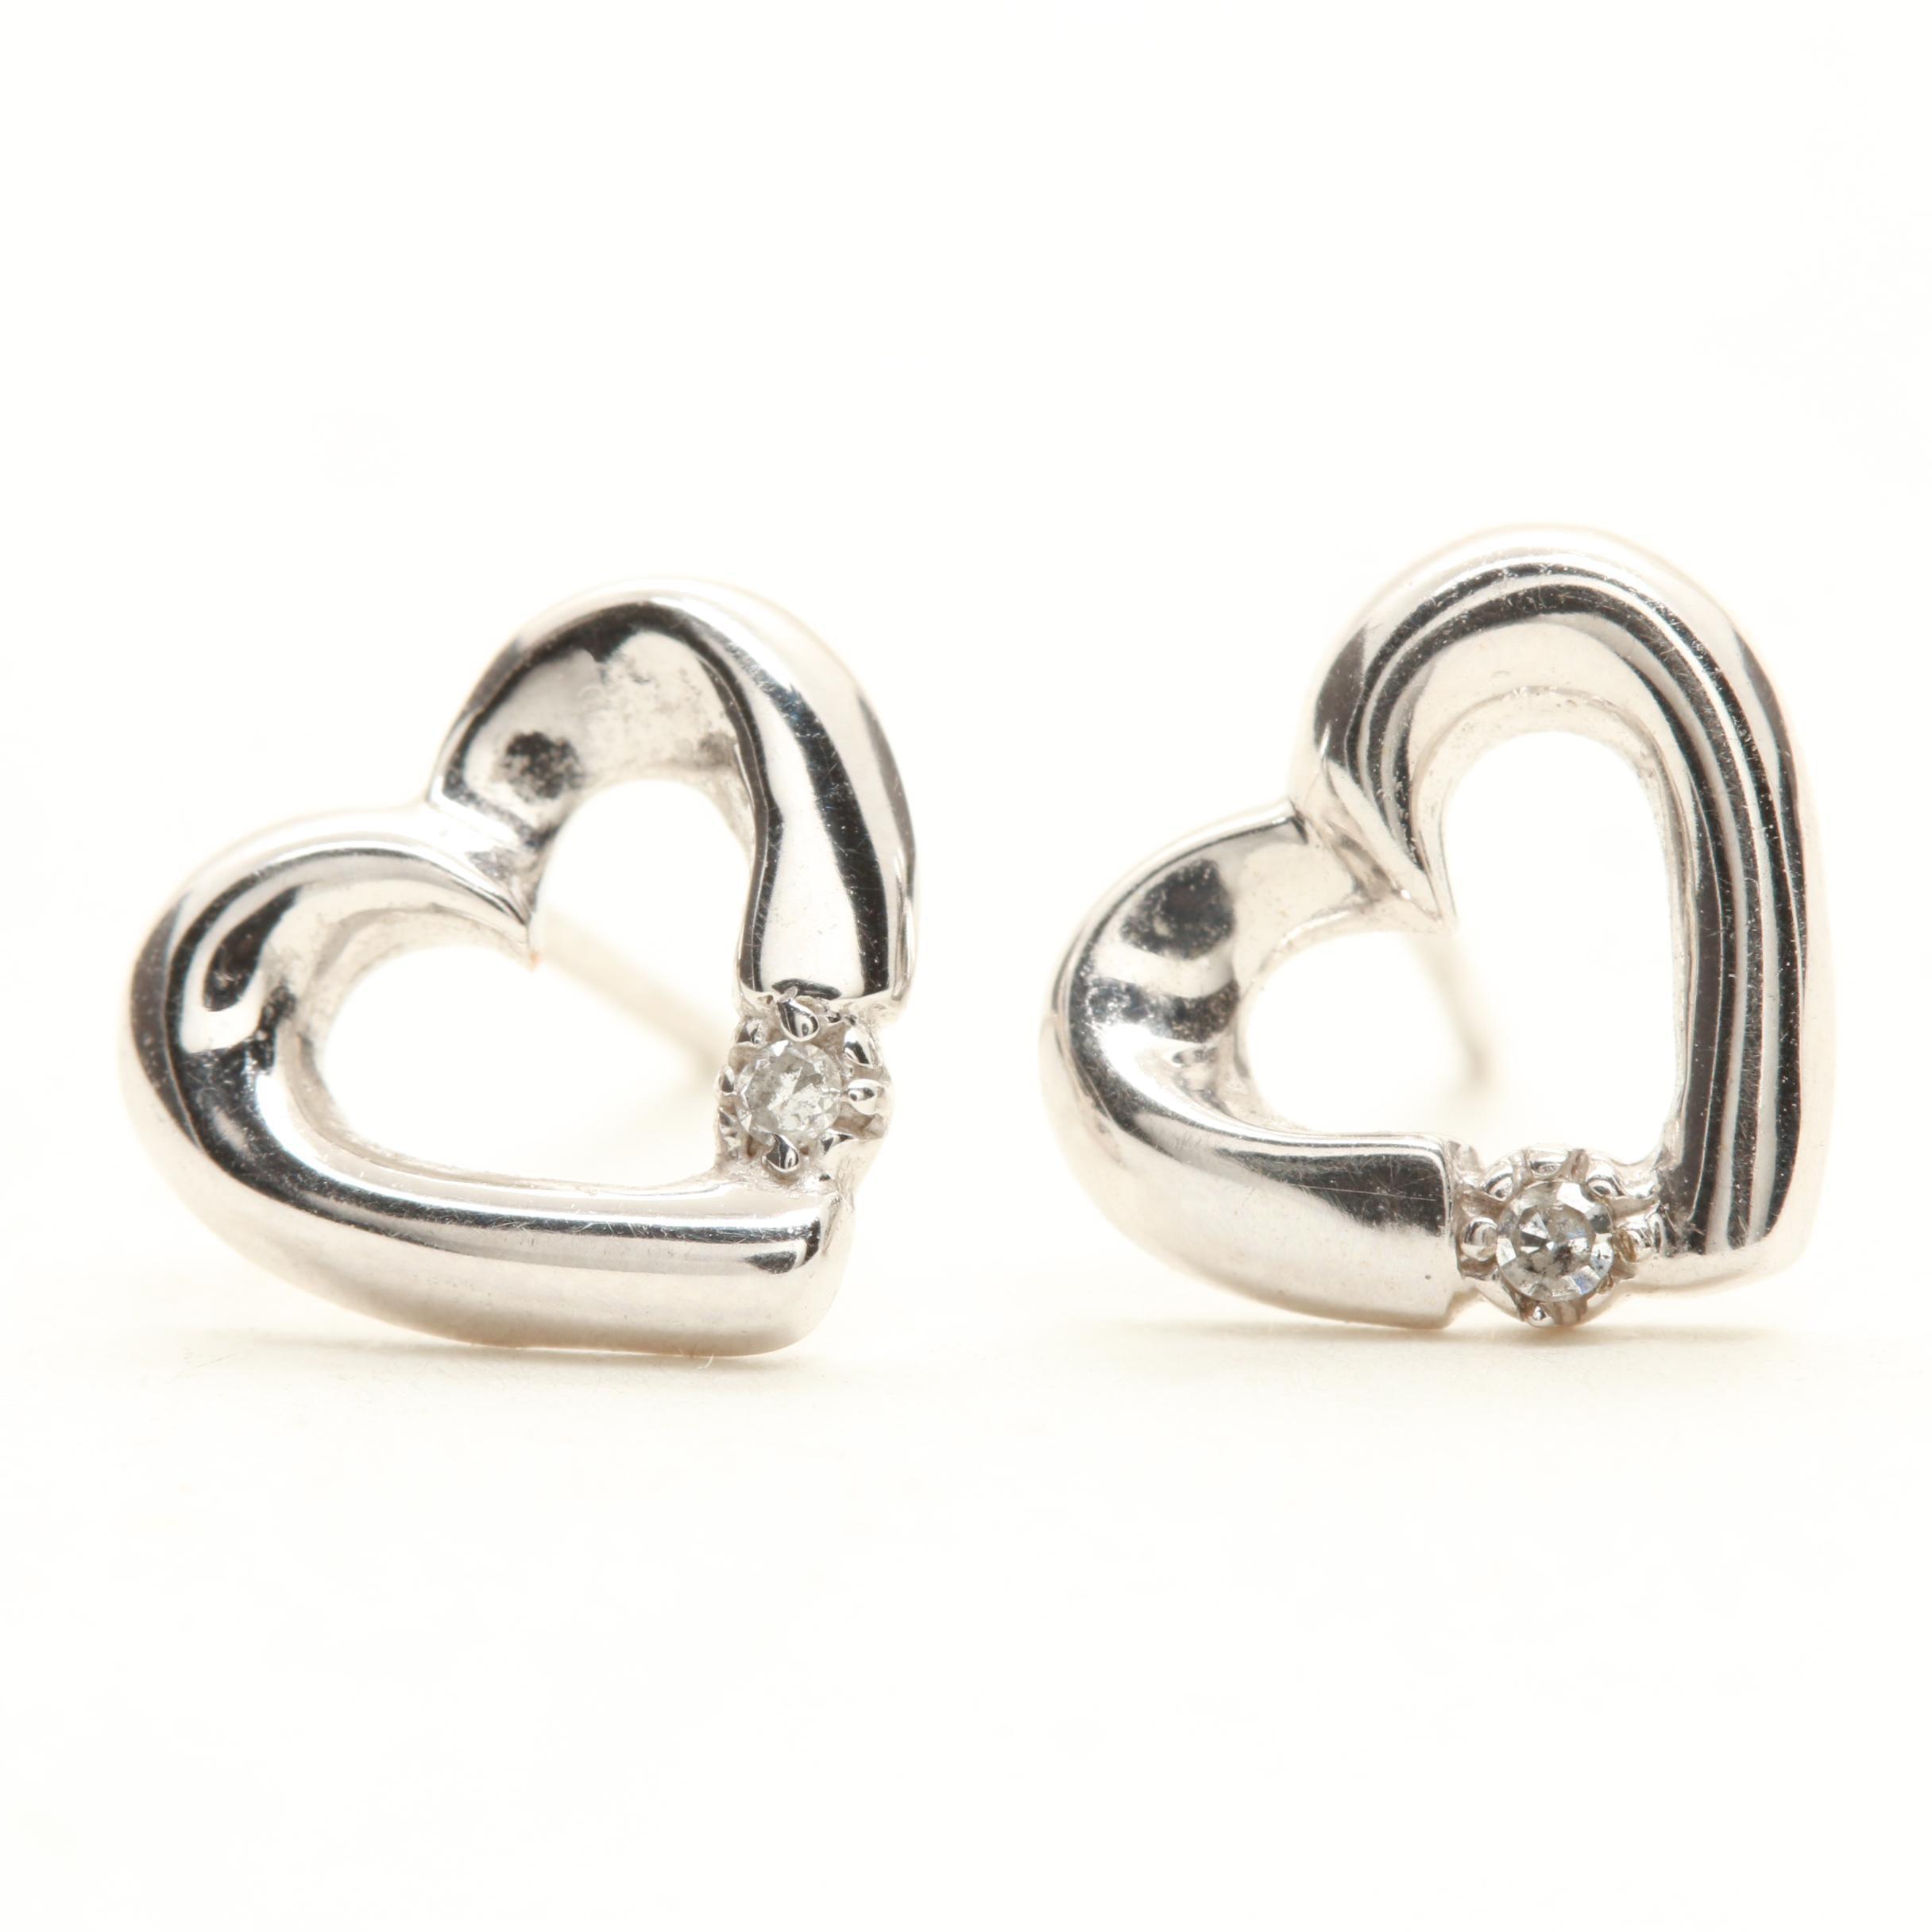 10K White Gold Diamond Heart Earrings With 14K White Gold Backs